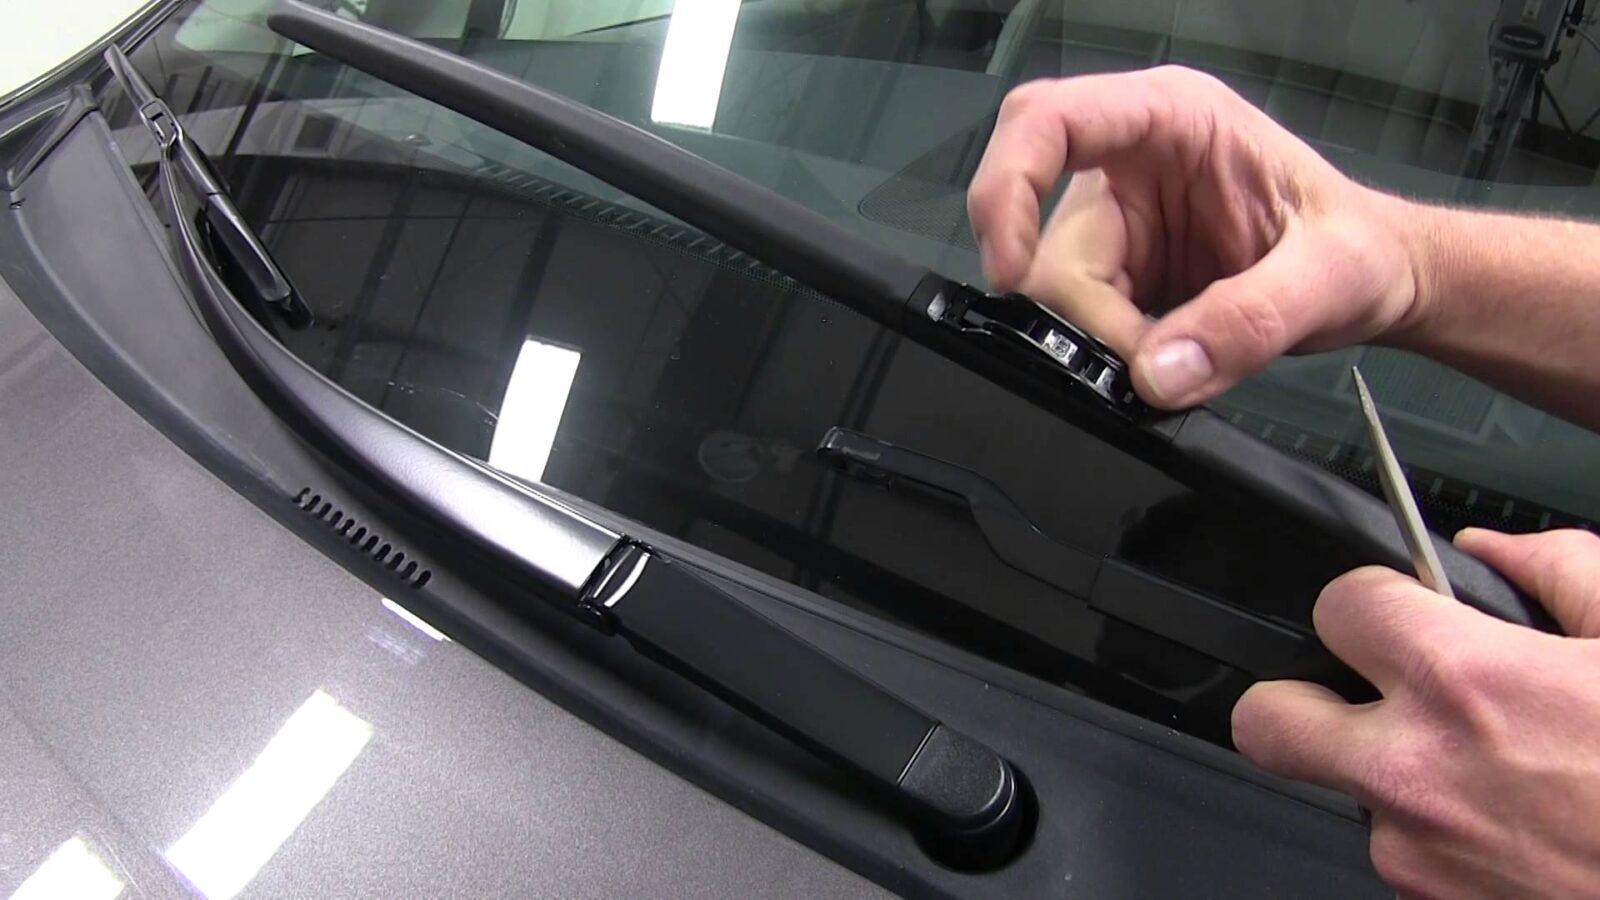 Top 5 Toyota Wiper Blades Comparison